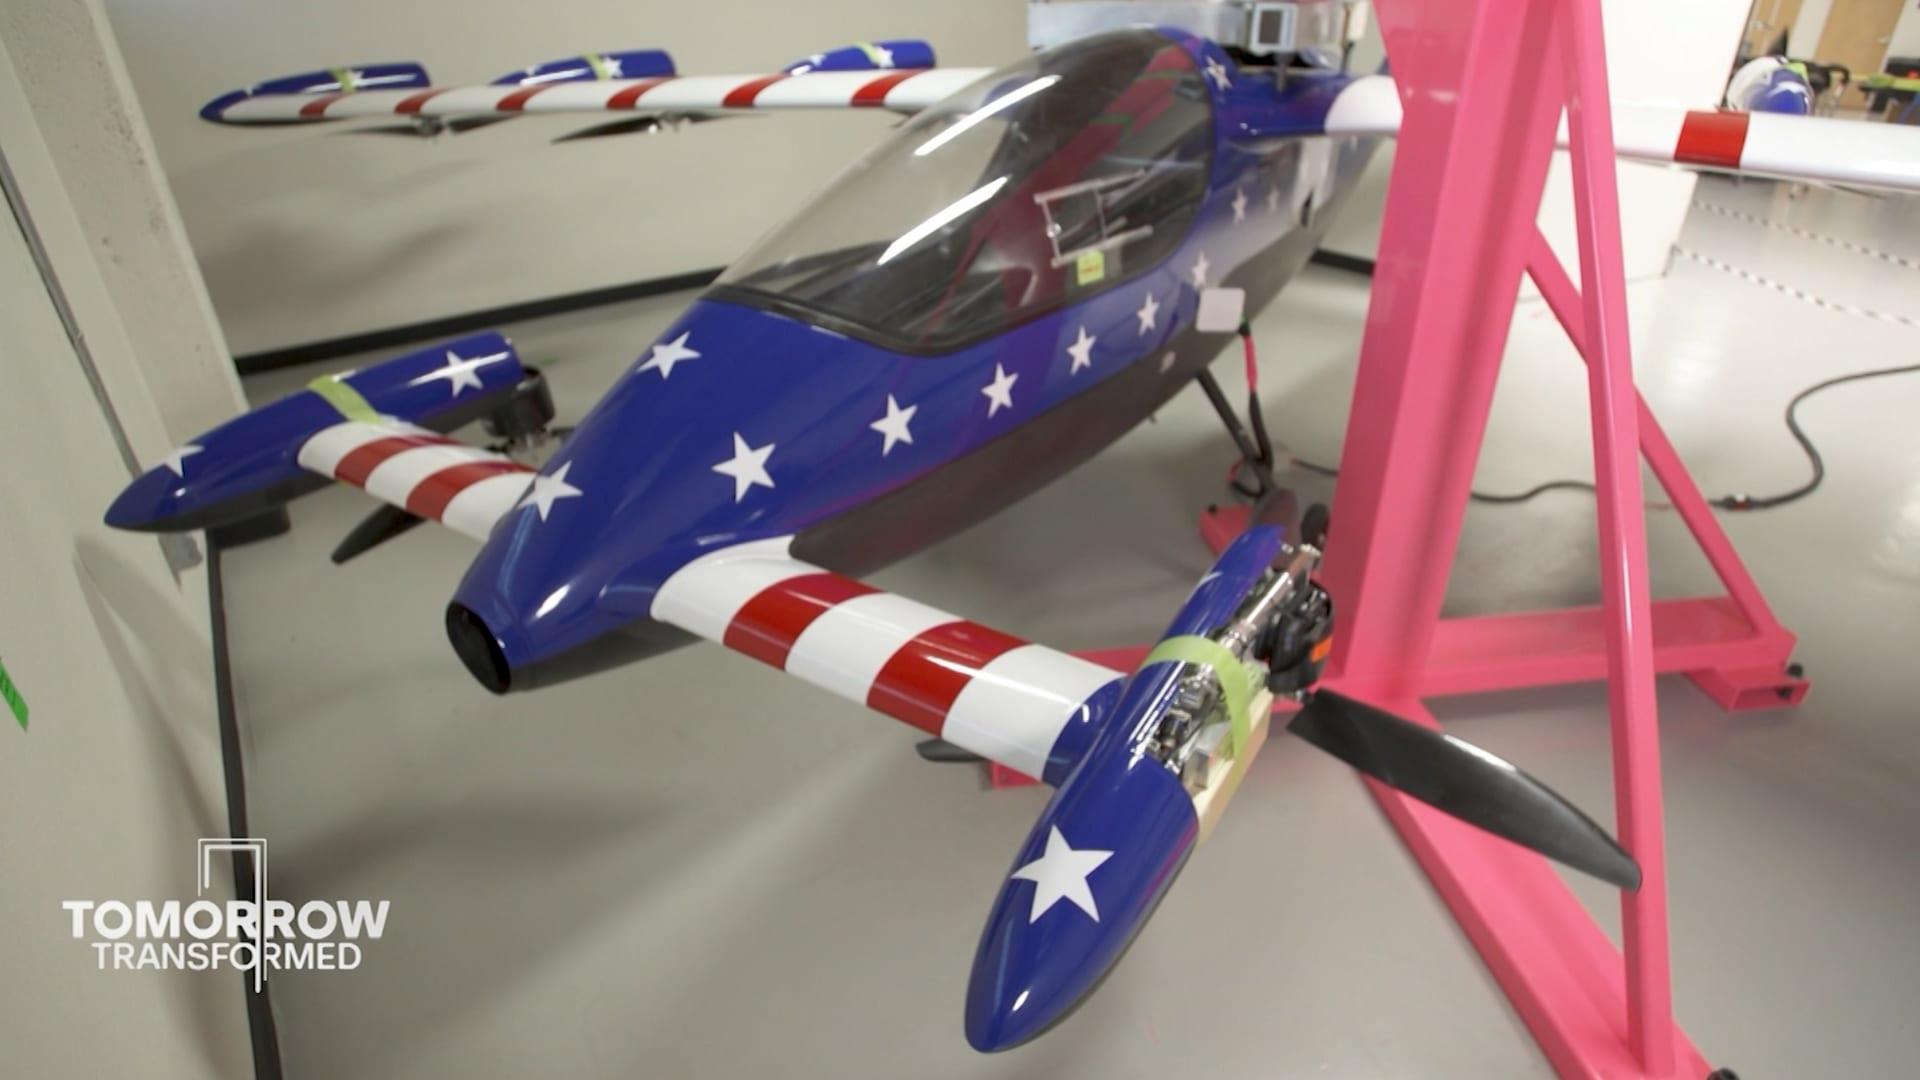 السيارات الطائرة ذاتية القيادة.. هل تحرر العالم من الازدحام المروري؟